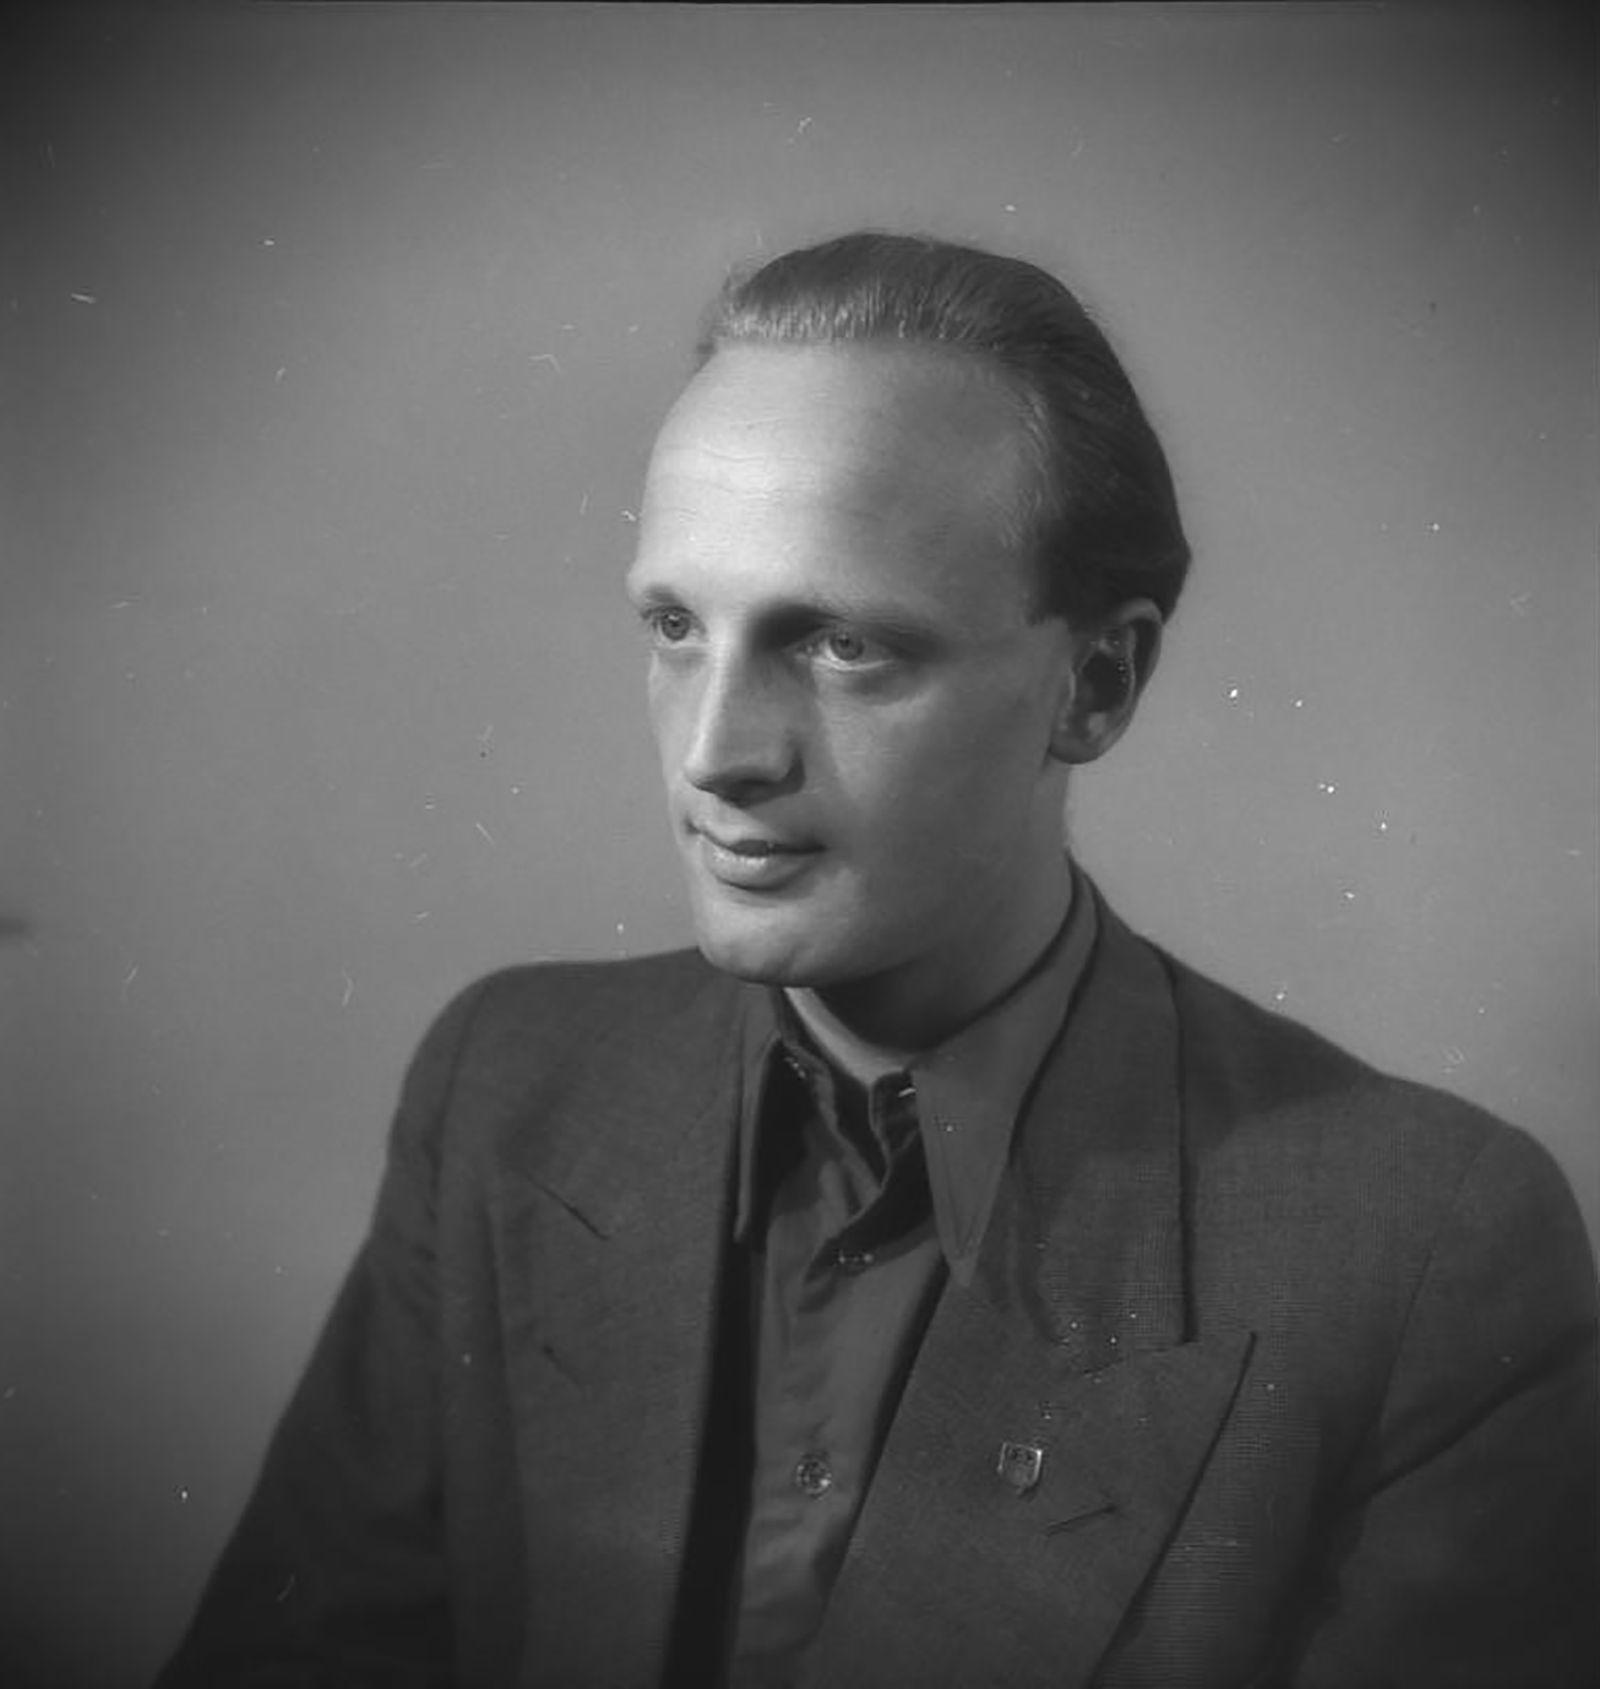 Heinz Lippmann